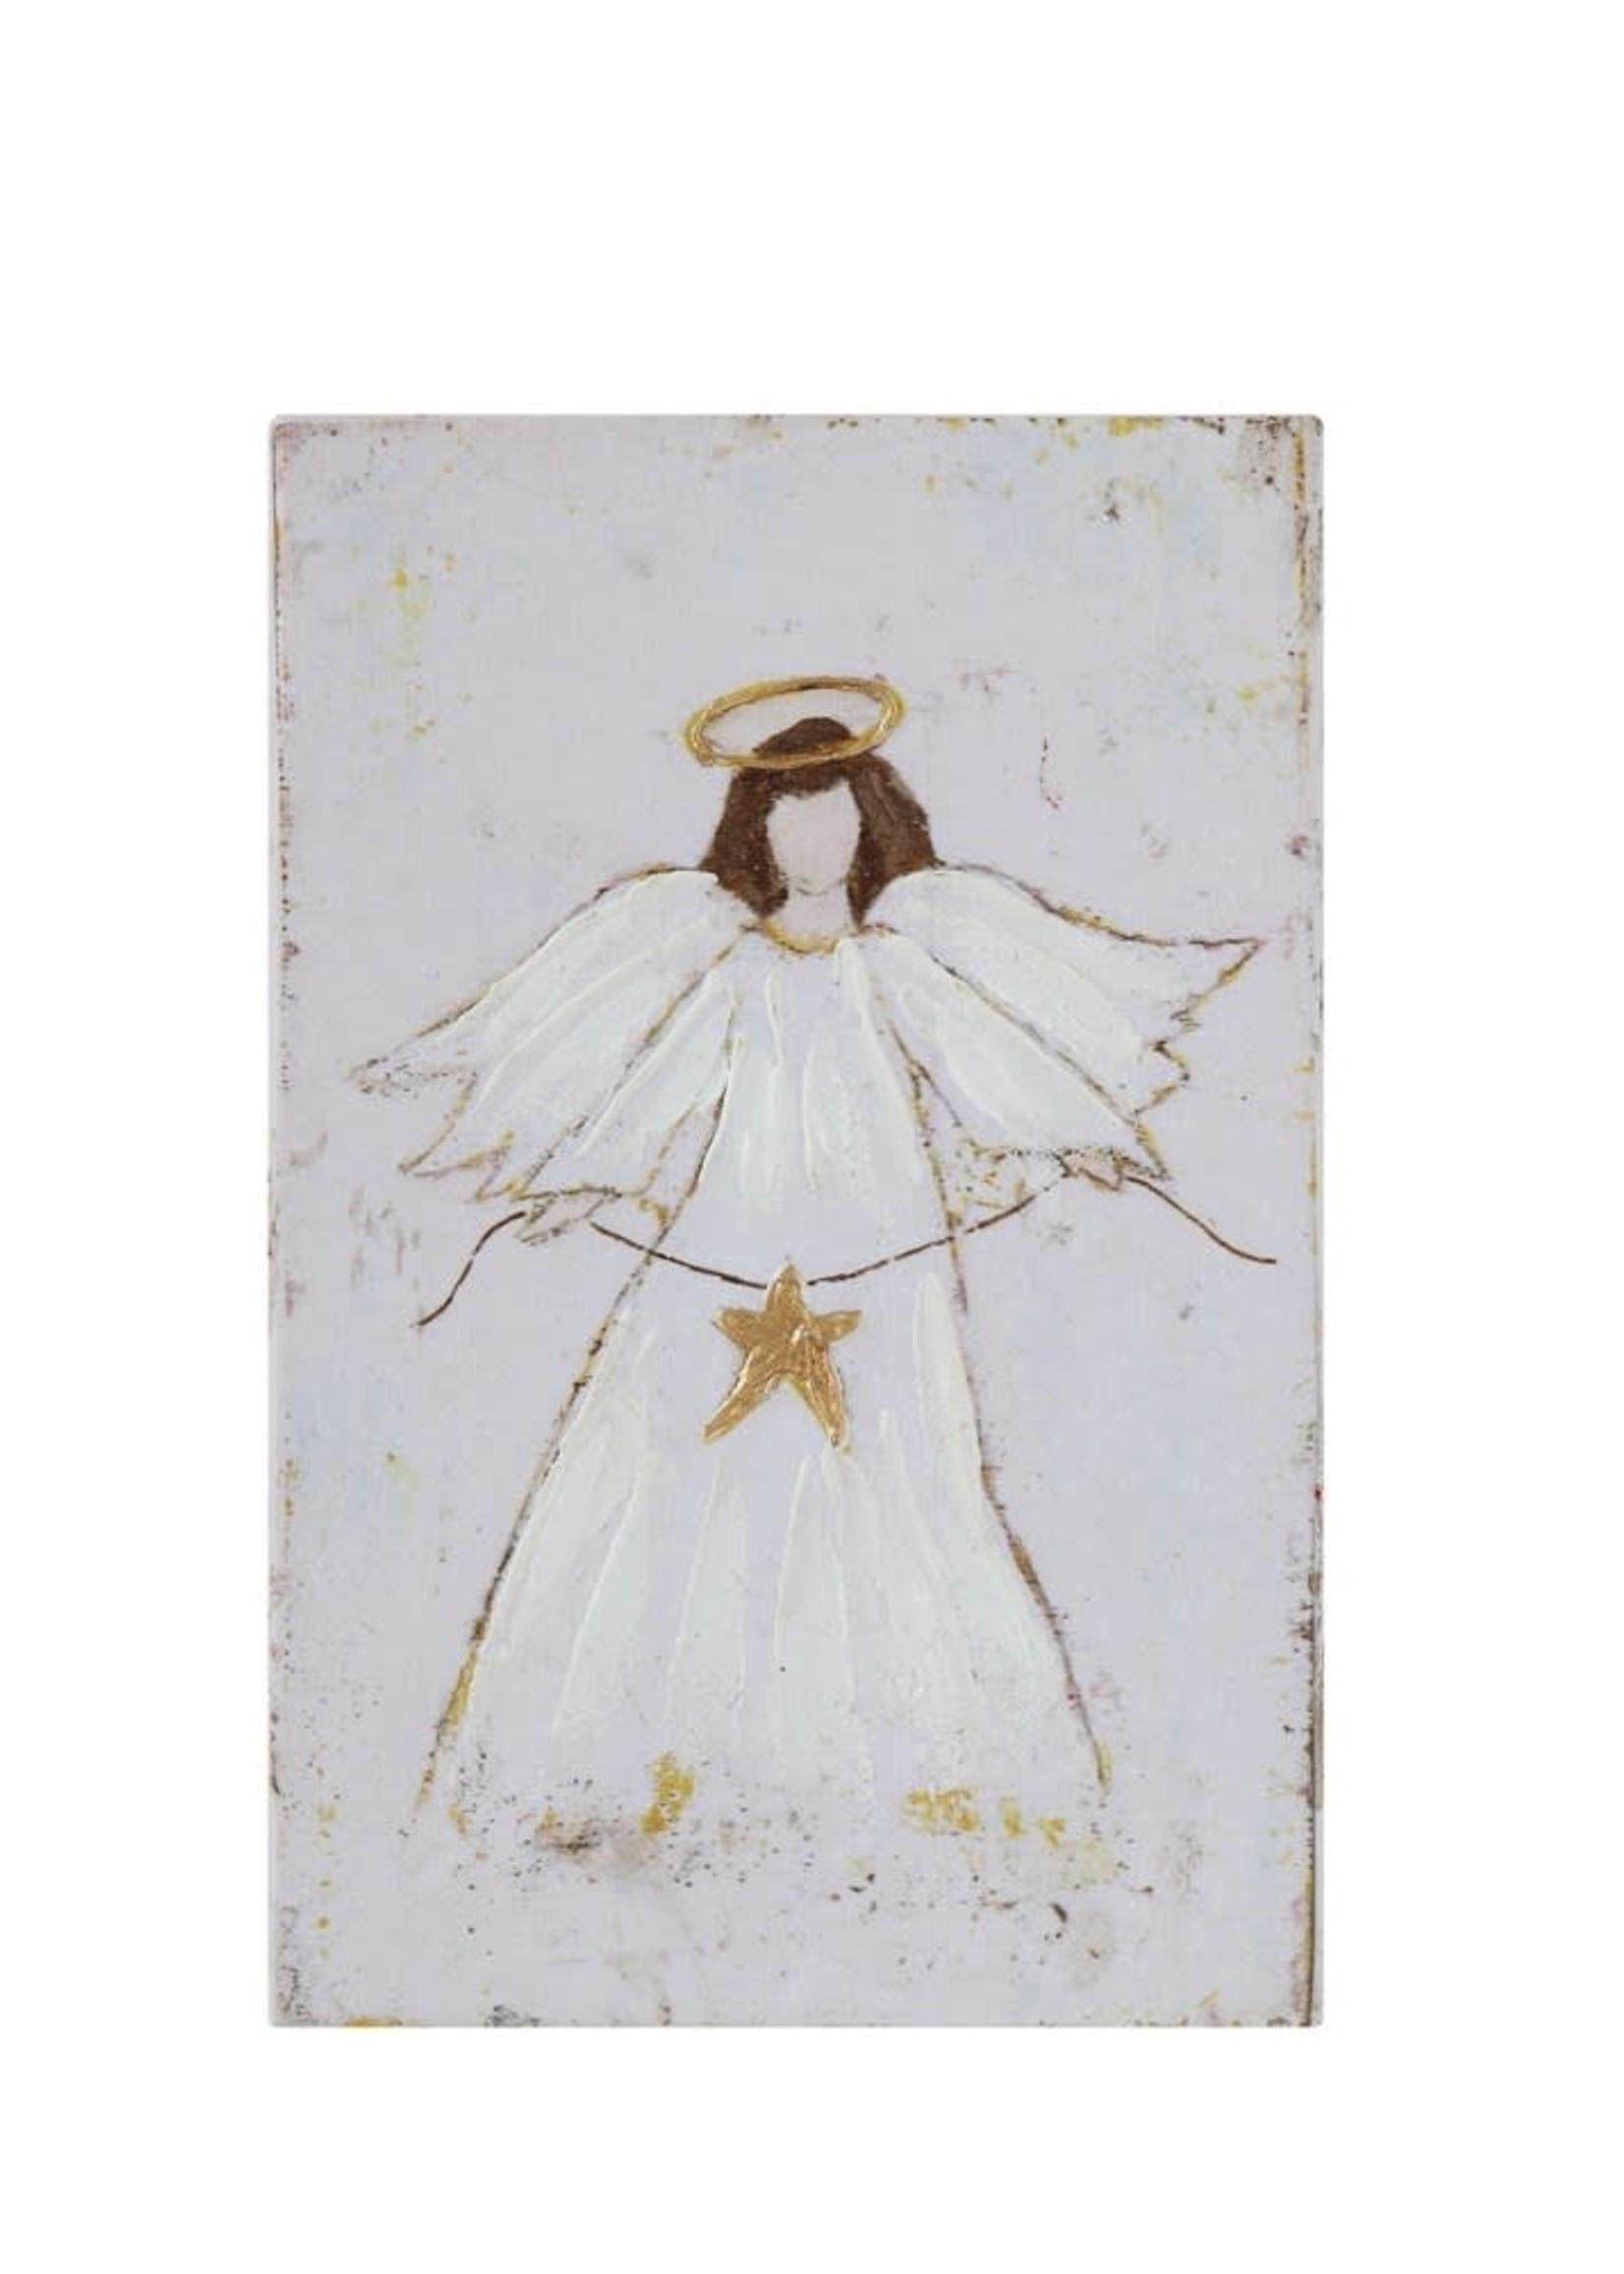 Canvas Wall Decor w/ Angel